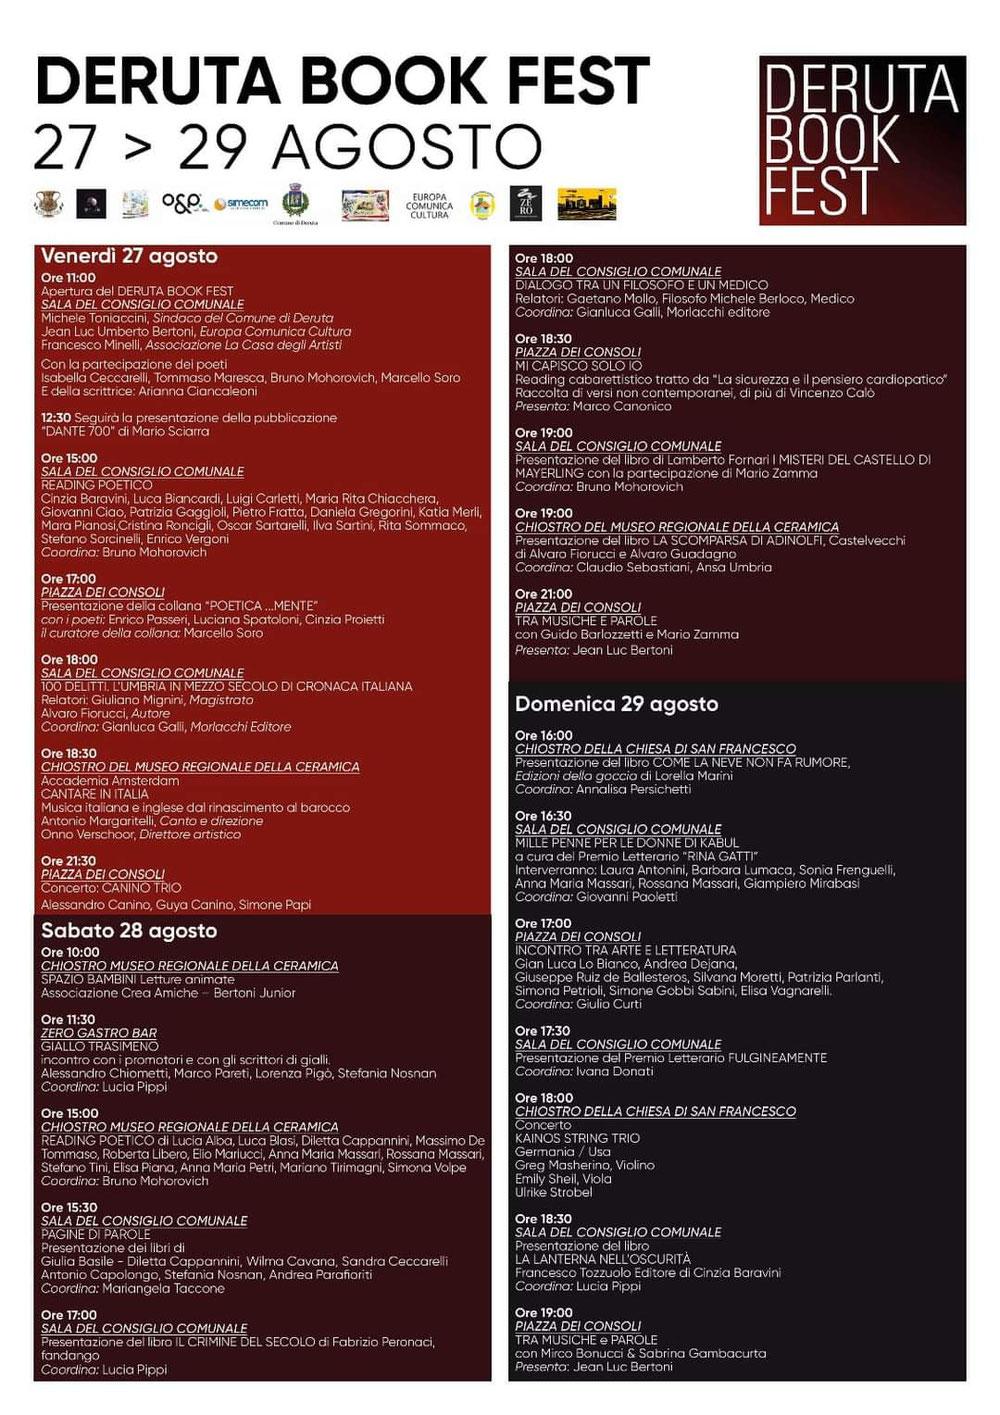 Deruta Book Fest 27-29 agosto 2021